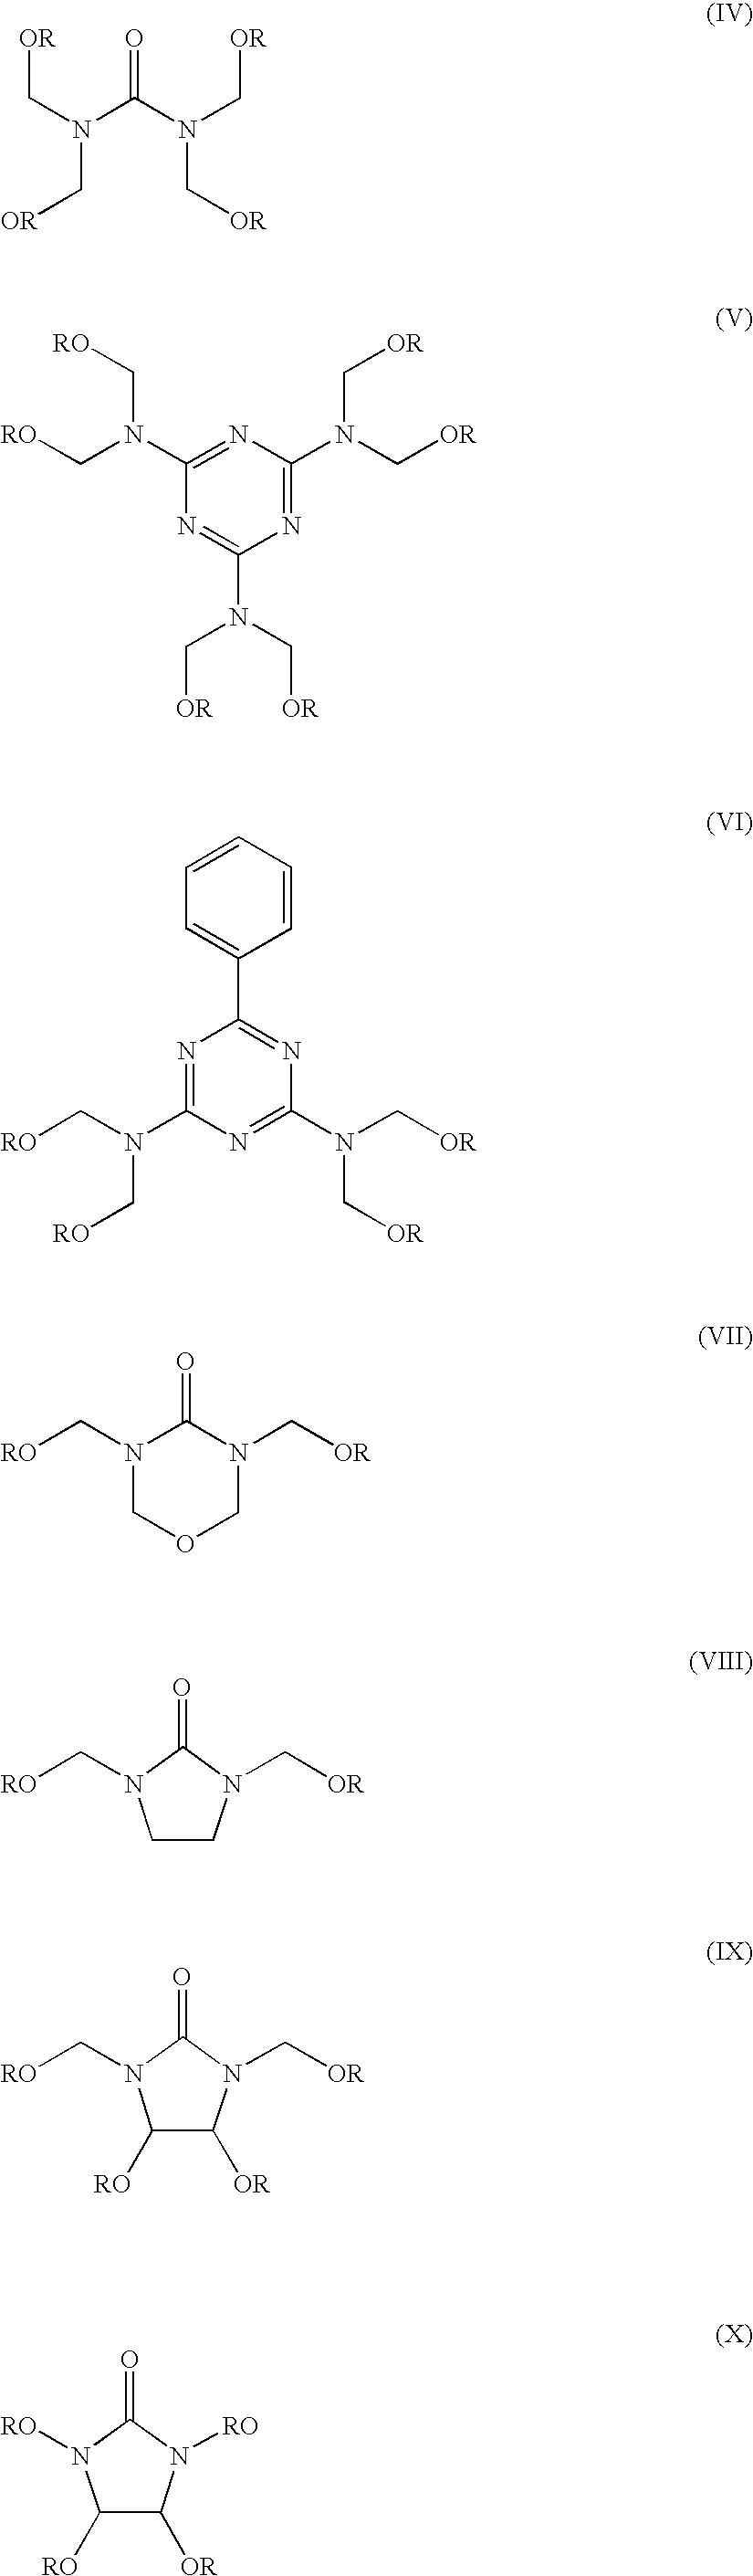 Figure US06800098-20041005-C00004